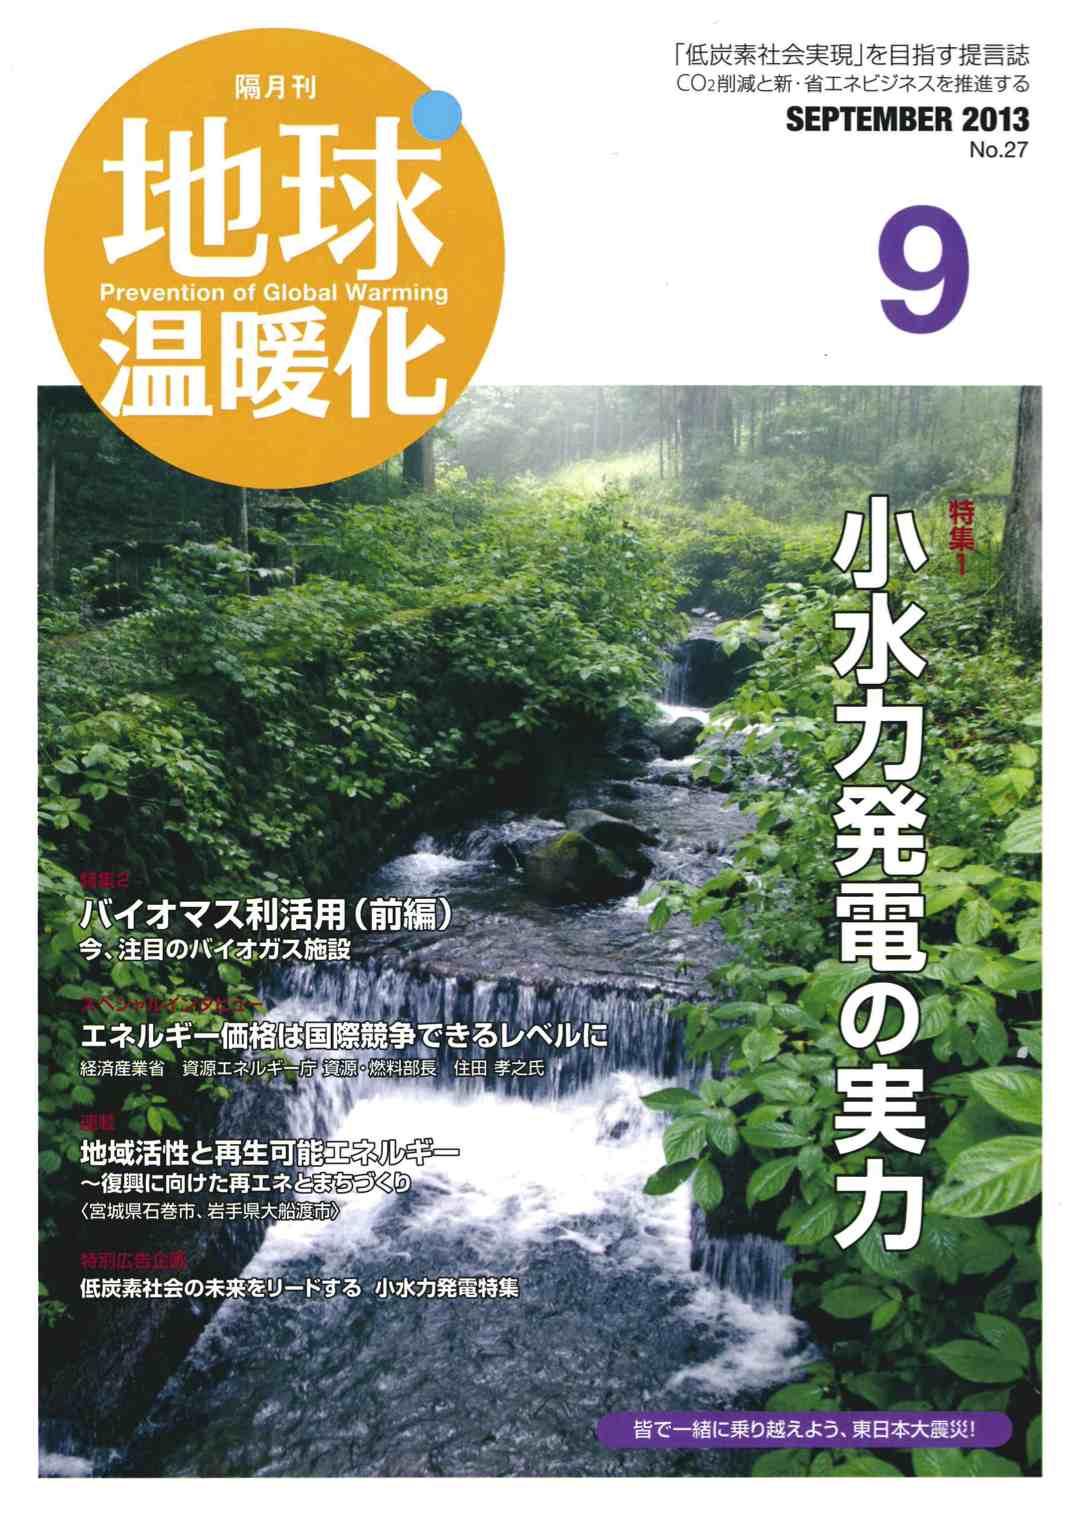 2013.9 地球温暖化9月号にて掲載されました